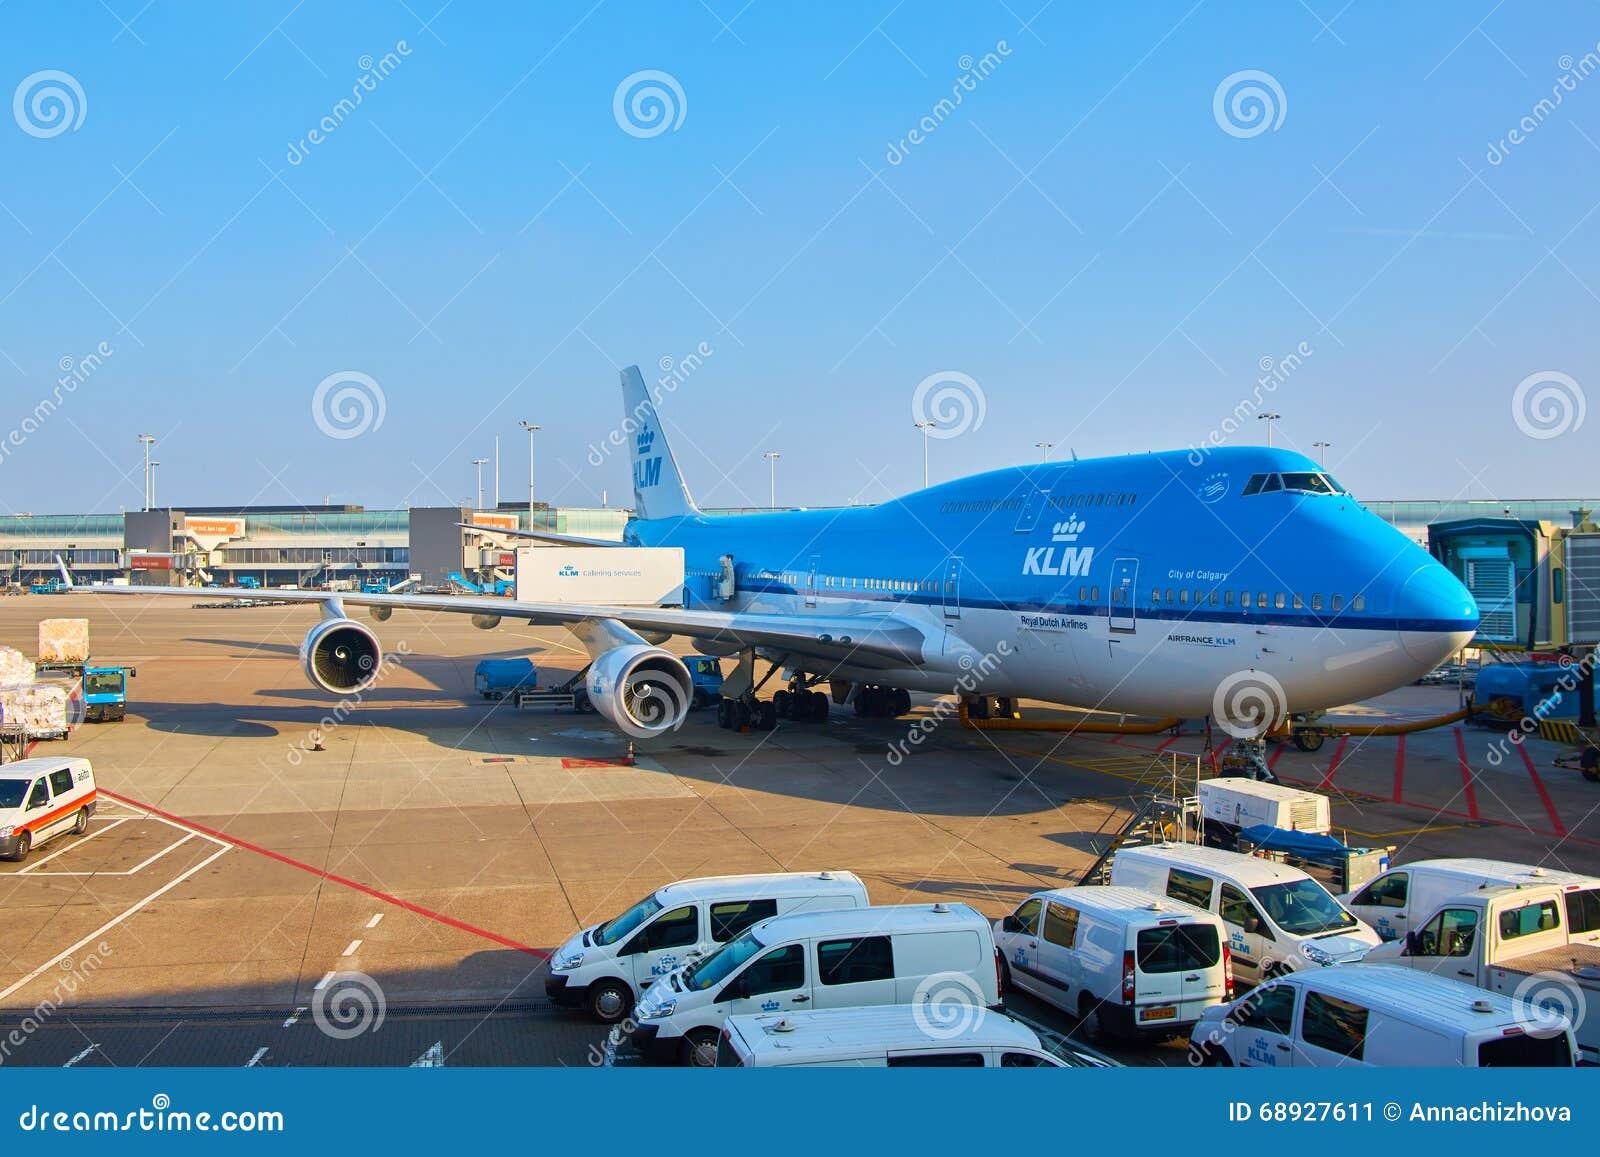 Αεροπλάνο KLM που φορτώνεται στον αερολιμένα Schiphol Άμστερνταμ Κάτω Χώρες